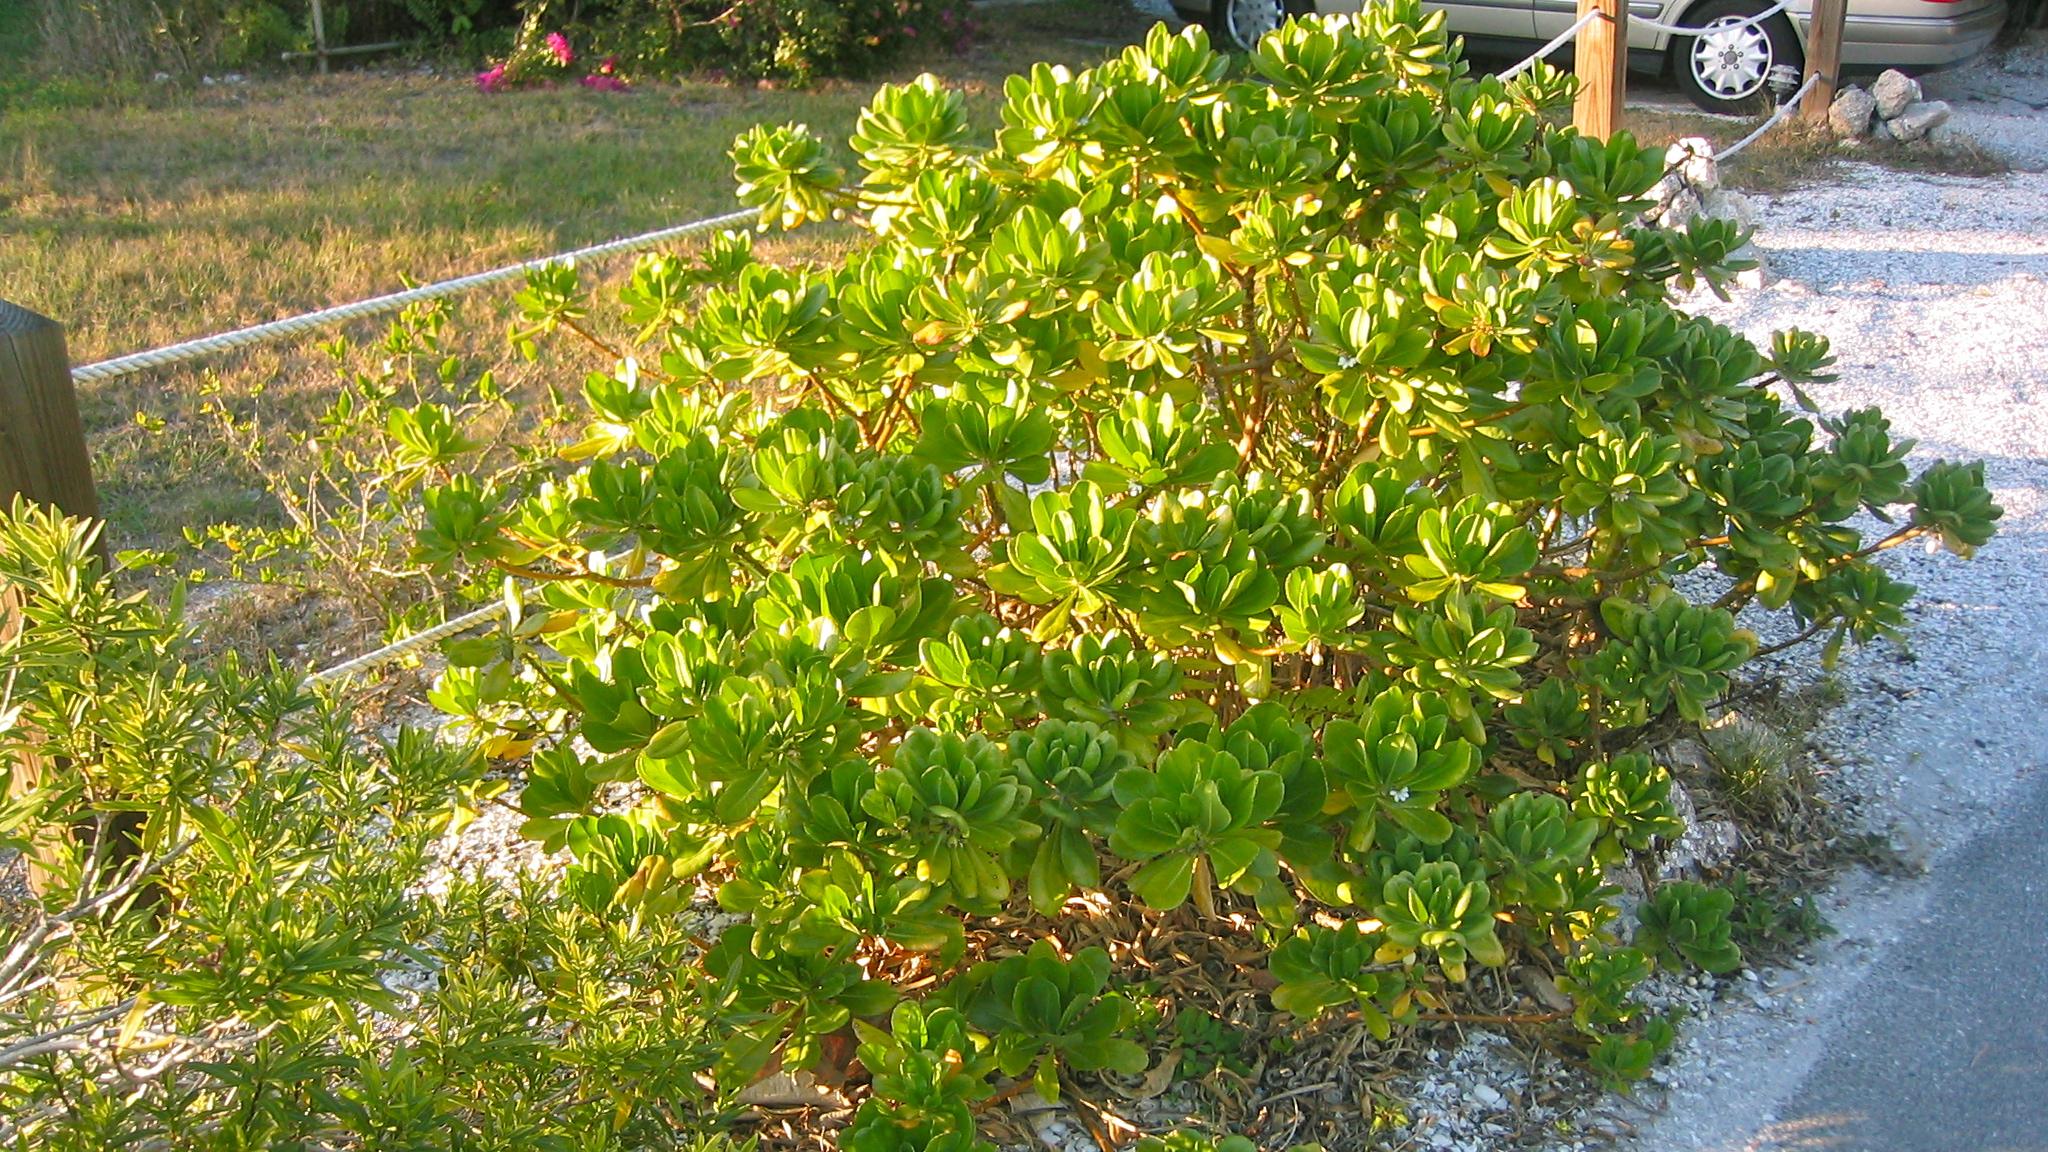 Scaevola frutescens